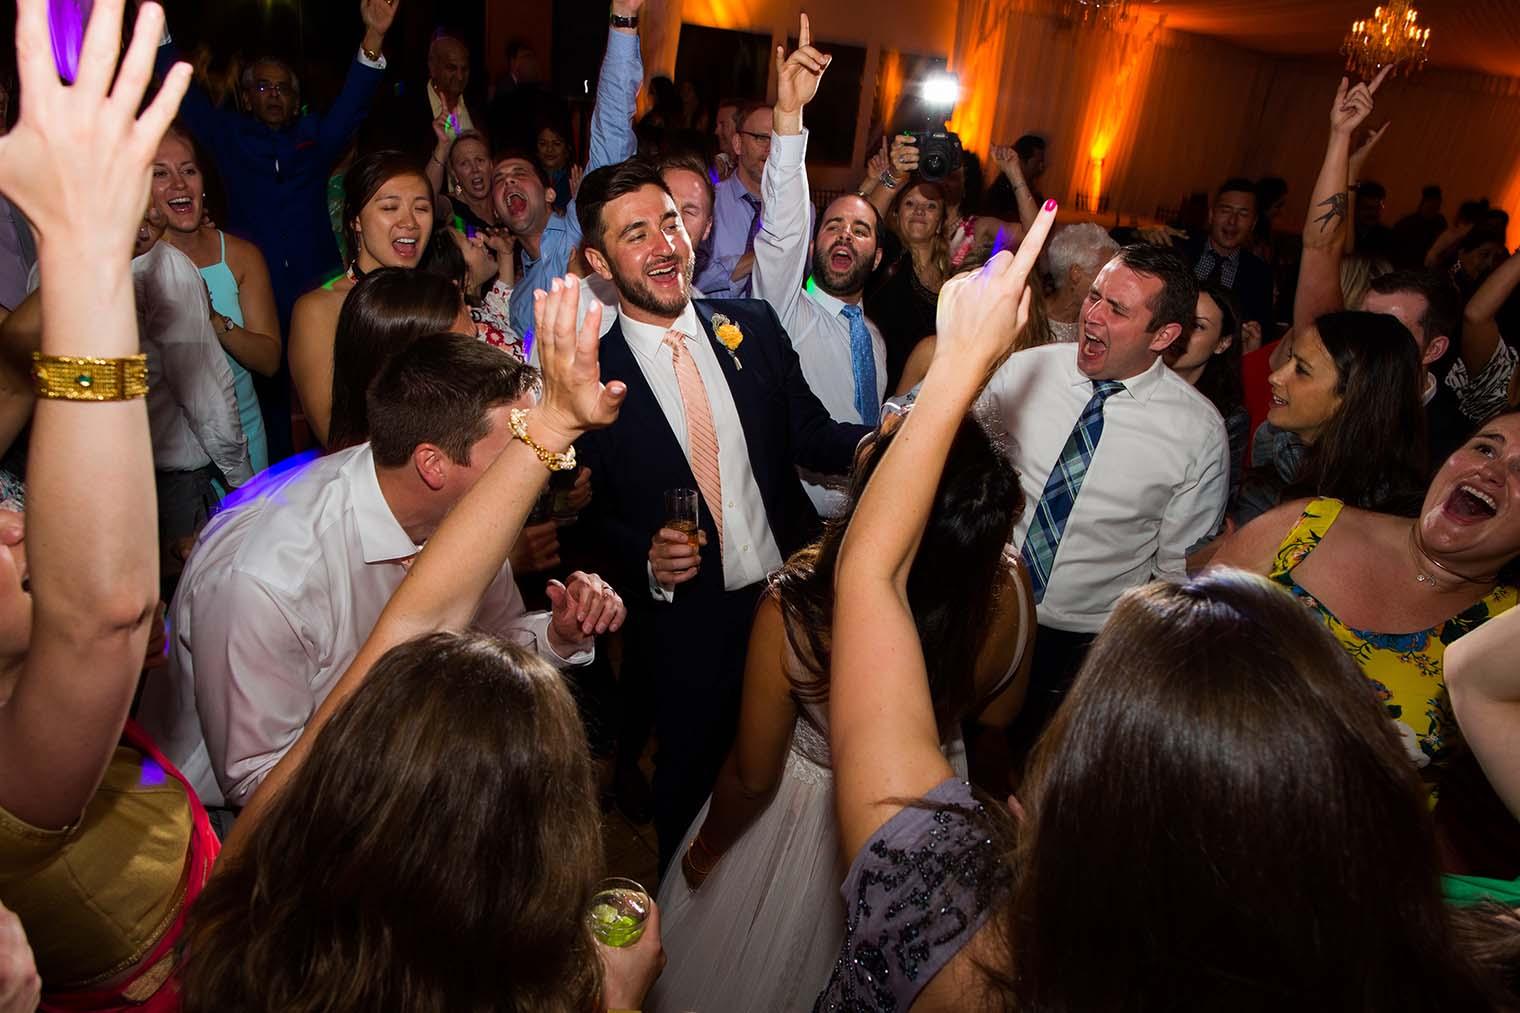 Wedding Reception at Chardonnay Golf Club and Vineyards